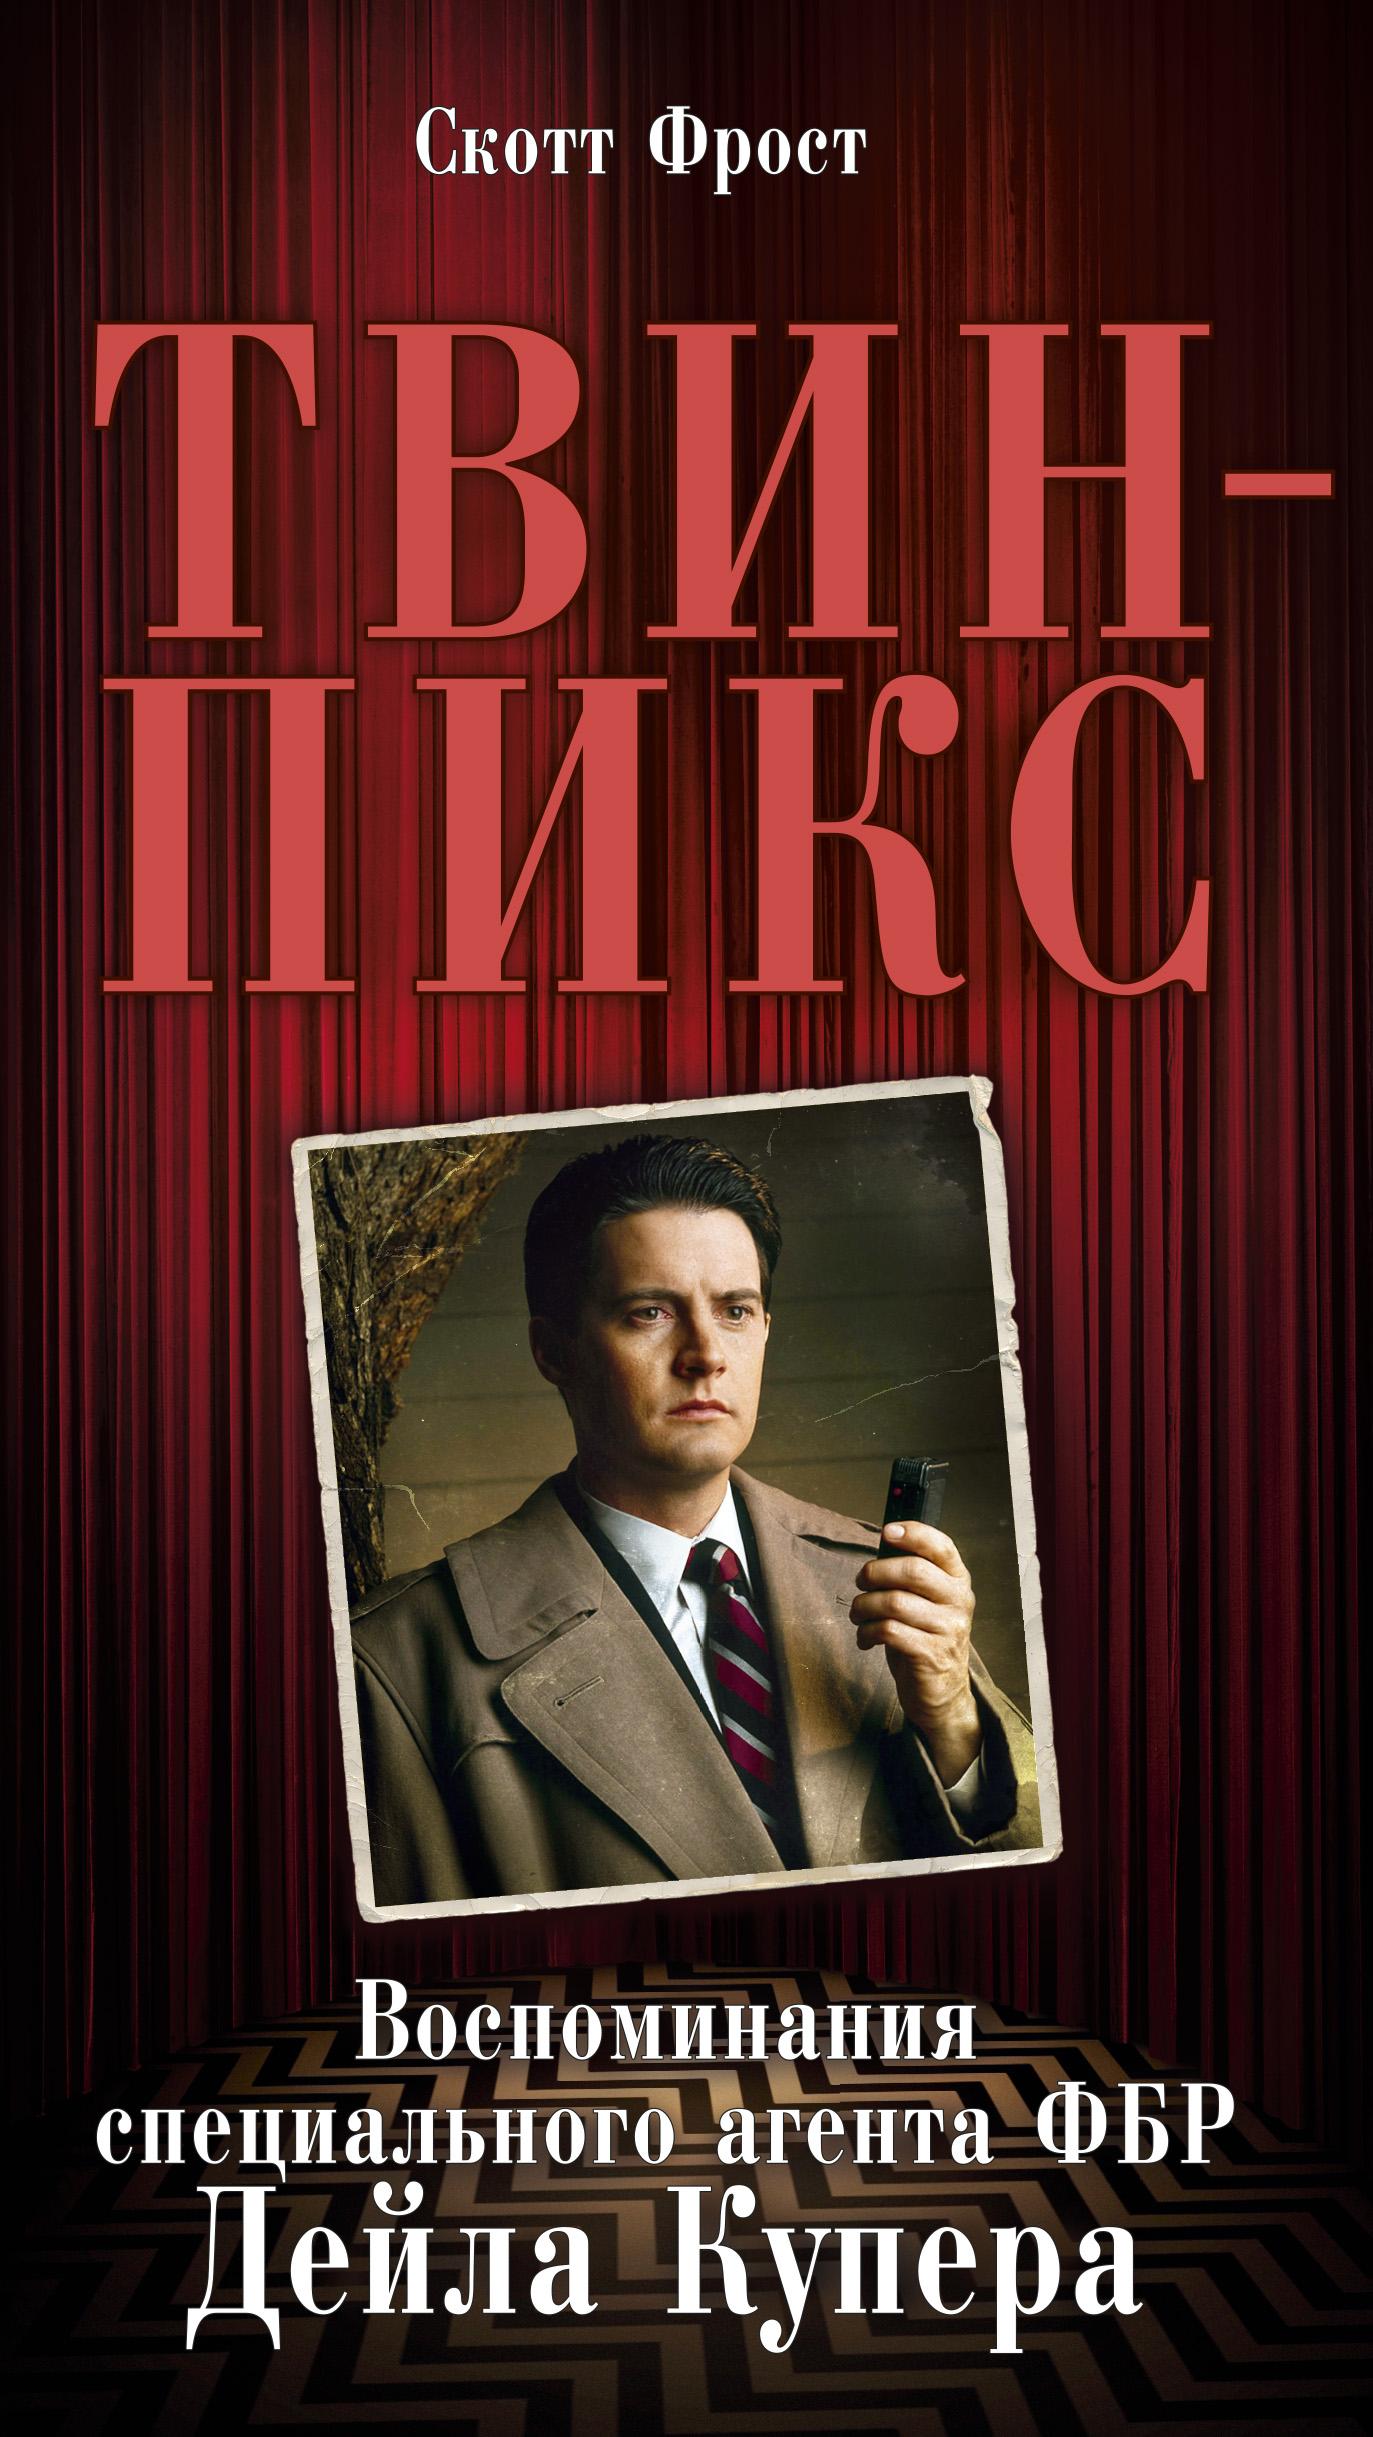 Твин-Пикс: Воспоминания специального агента ФБР Дейла Купера